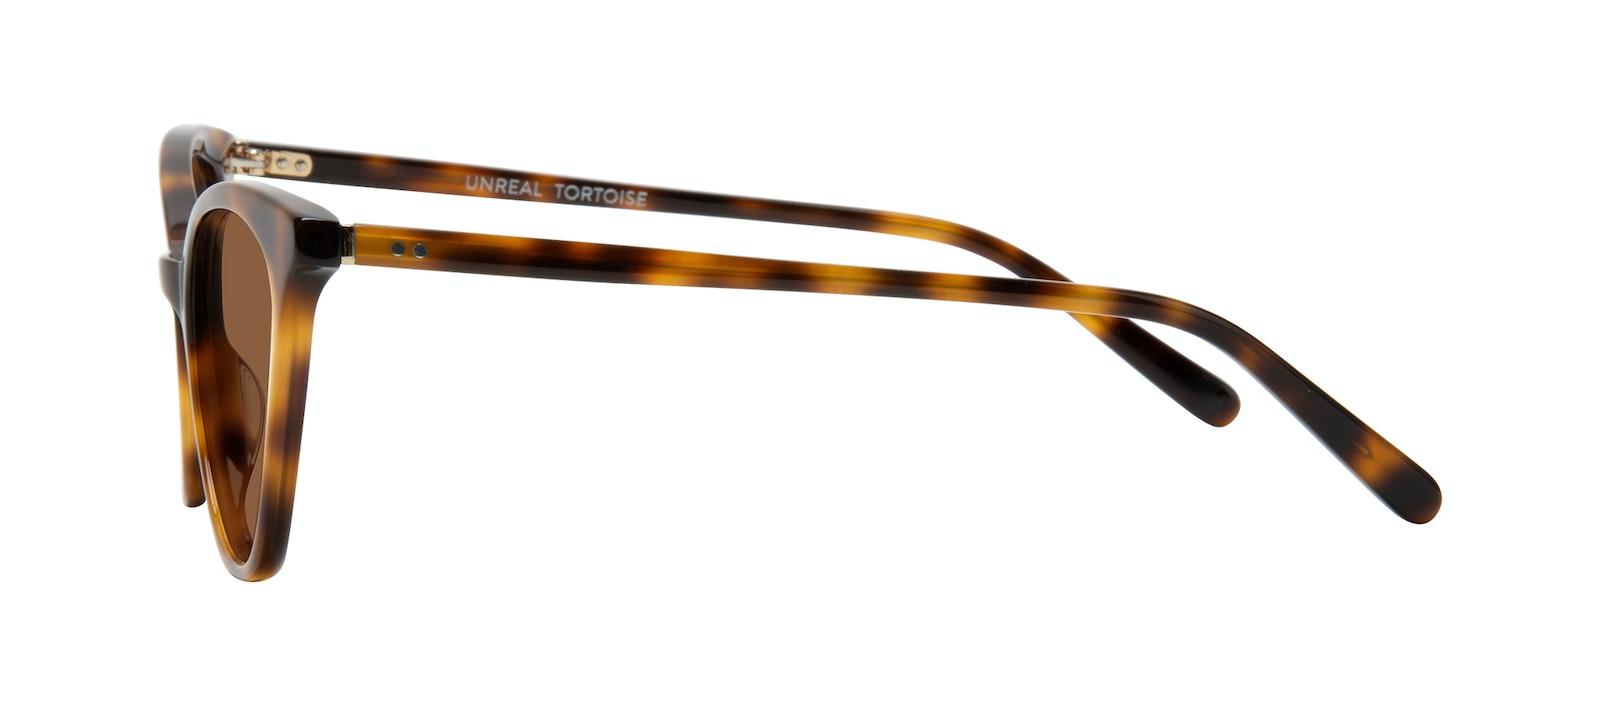 Lunettes tendance Oeil de chat Lunettes de soleil Femmes Unreal Tortoise Profil